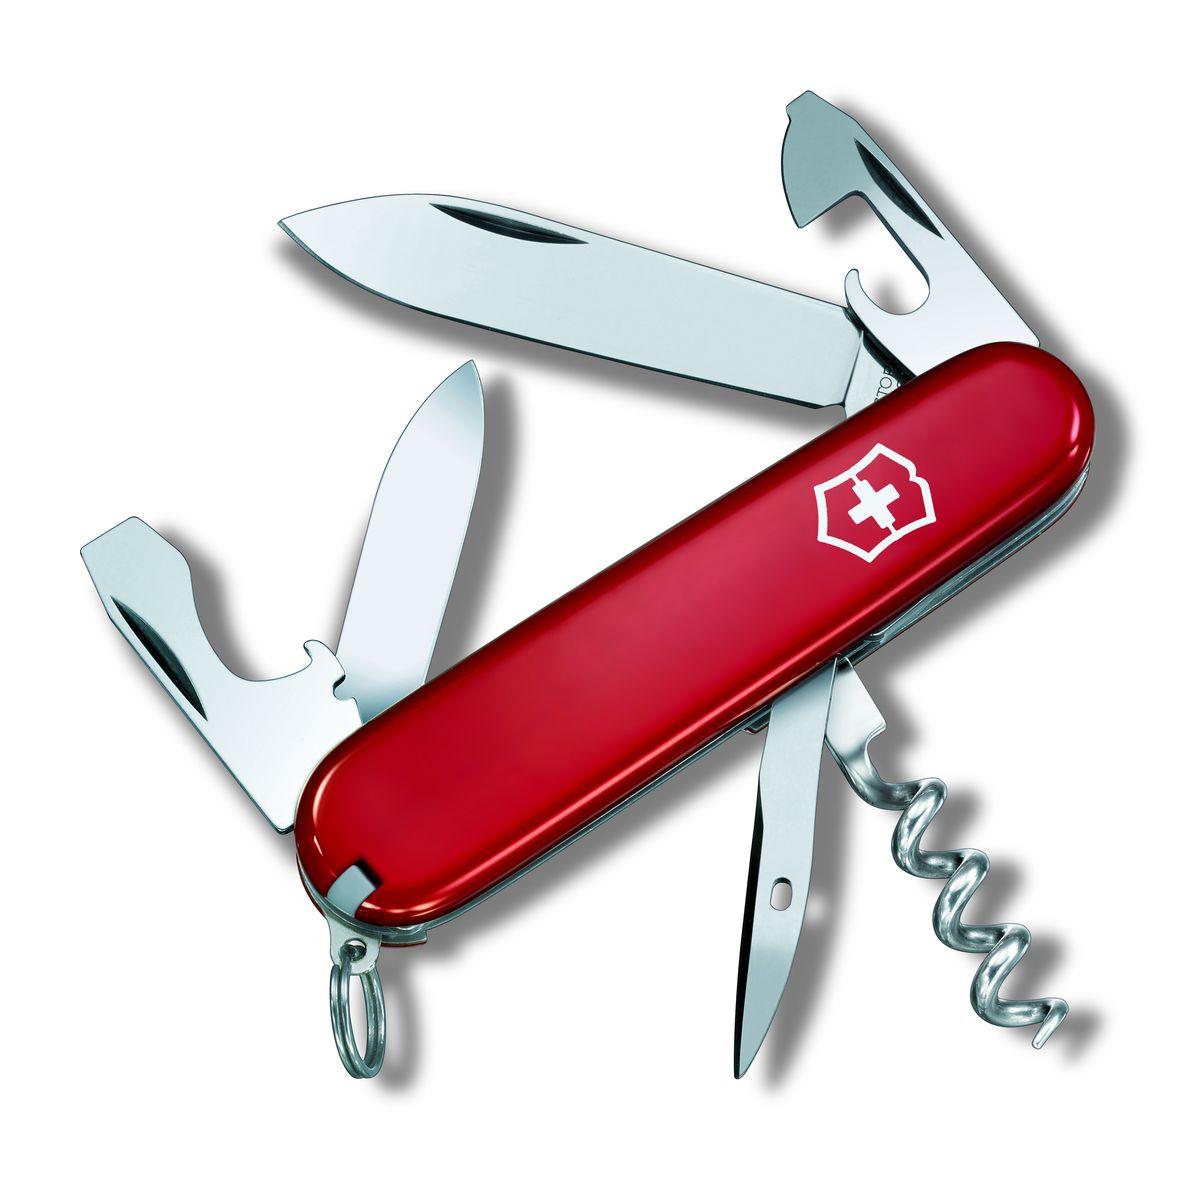 Нож перочинный Victorinox Tourist 0.3603, цвет: красный0.3603Швейцарский армейский нож TOURIST имеет 12 функций: 1. Большое лезвие2. Малое лезвие3. Шило, Кернер4. Штопор5. Кольцо для ключей6. Пинцет7. Зубочистка8. Открывалка для бутылок с:9. - Отверткой10. Консервный нож с:11. - Отверткой12. - Инструментом для снятия изоляции Цвет: красный